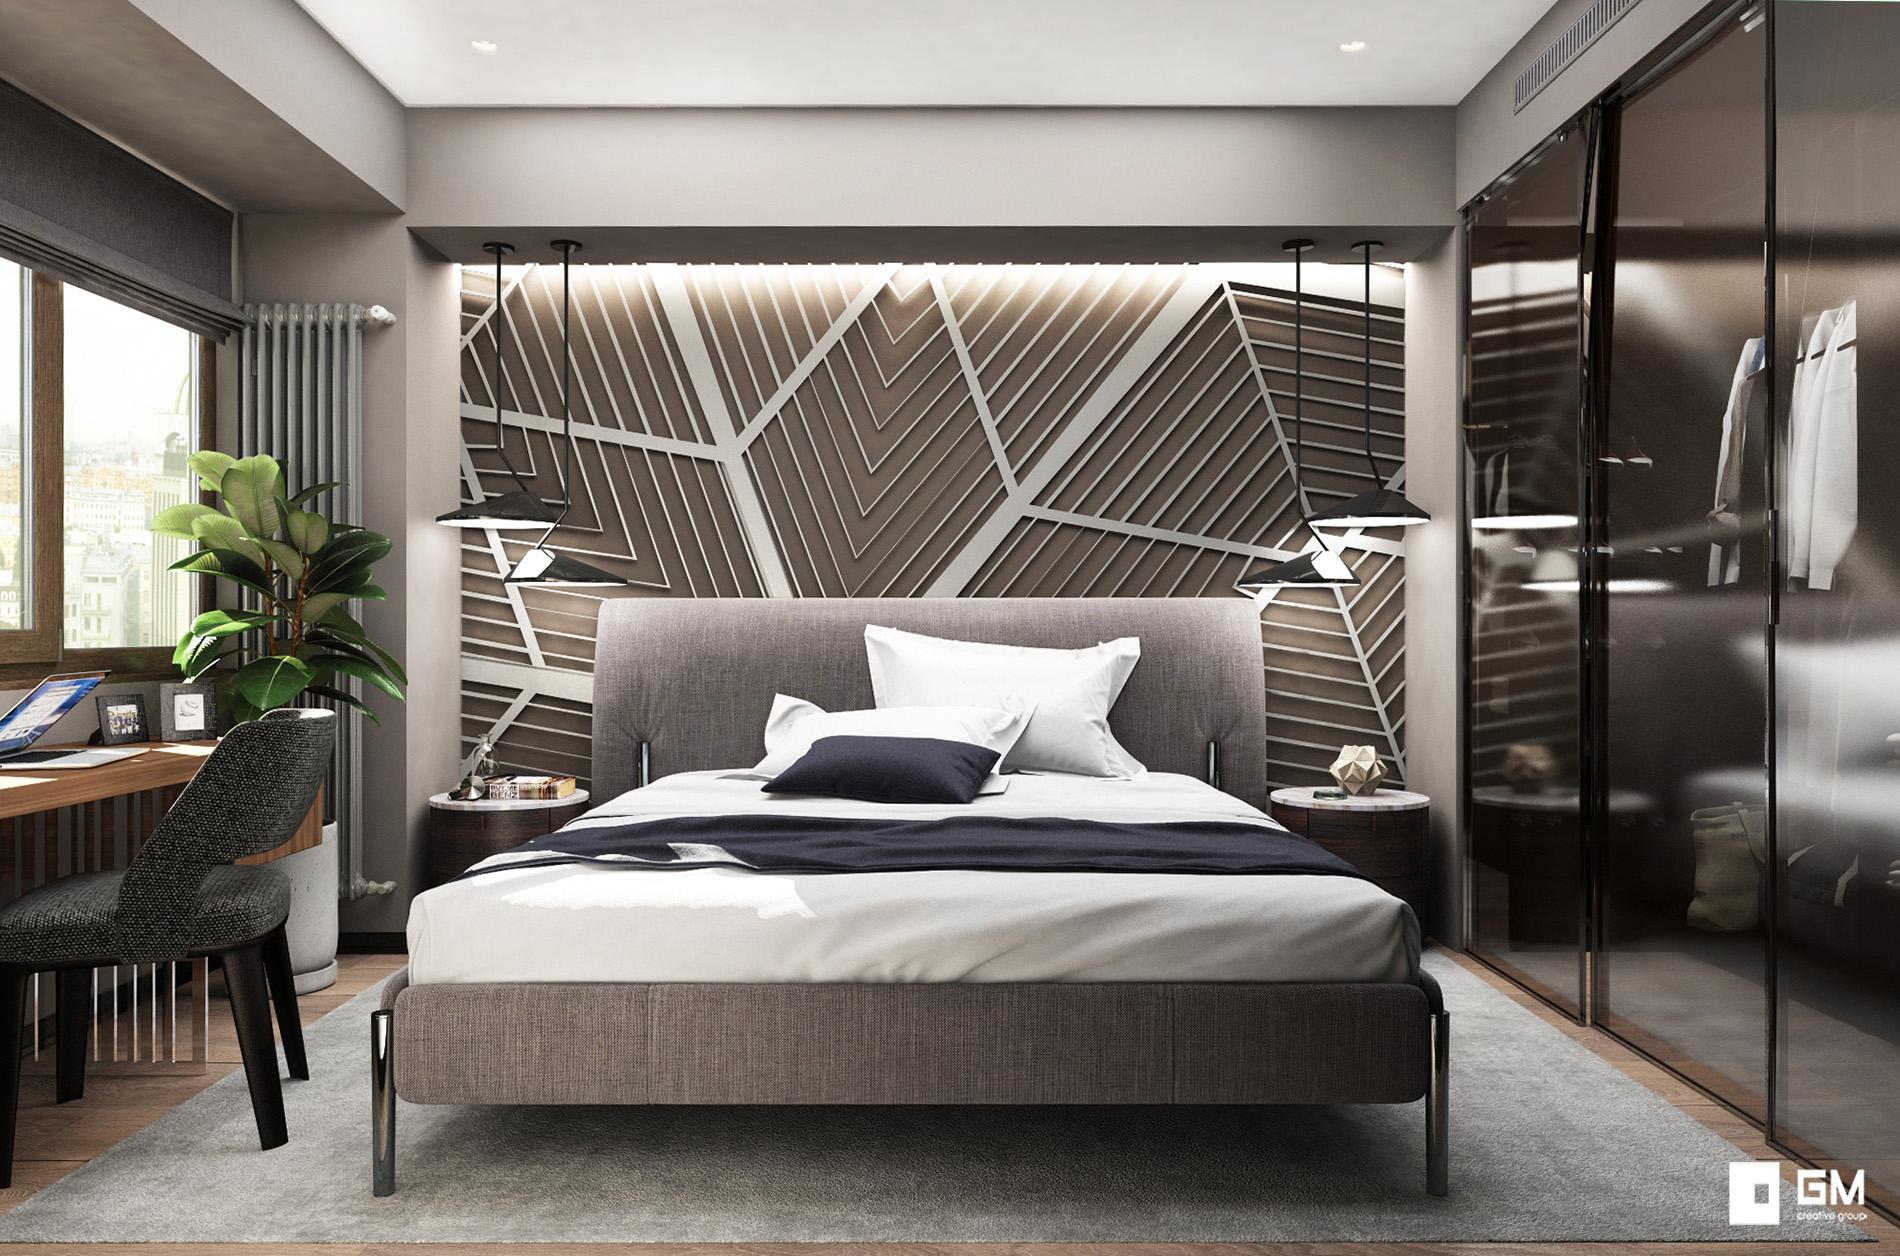 Дерзкий и уютный дизайн проект двухкомнатной квартиры на Ленинском проспекте от студии дизайна GM-Interior